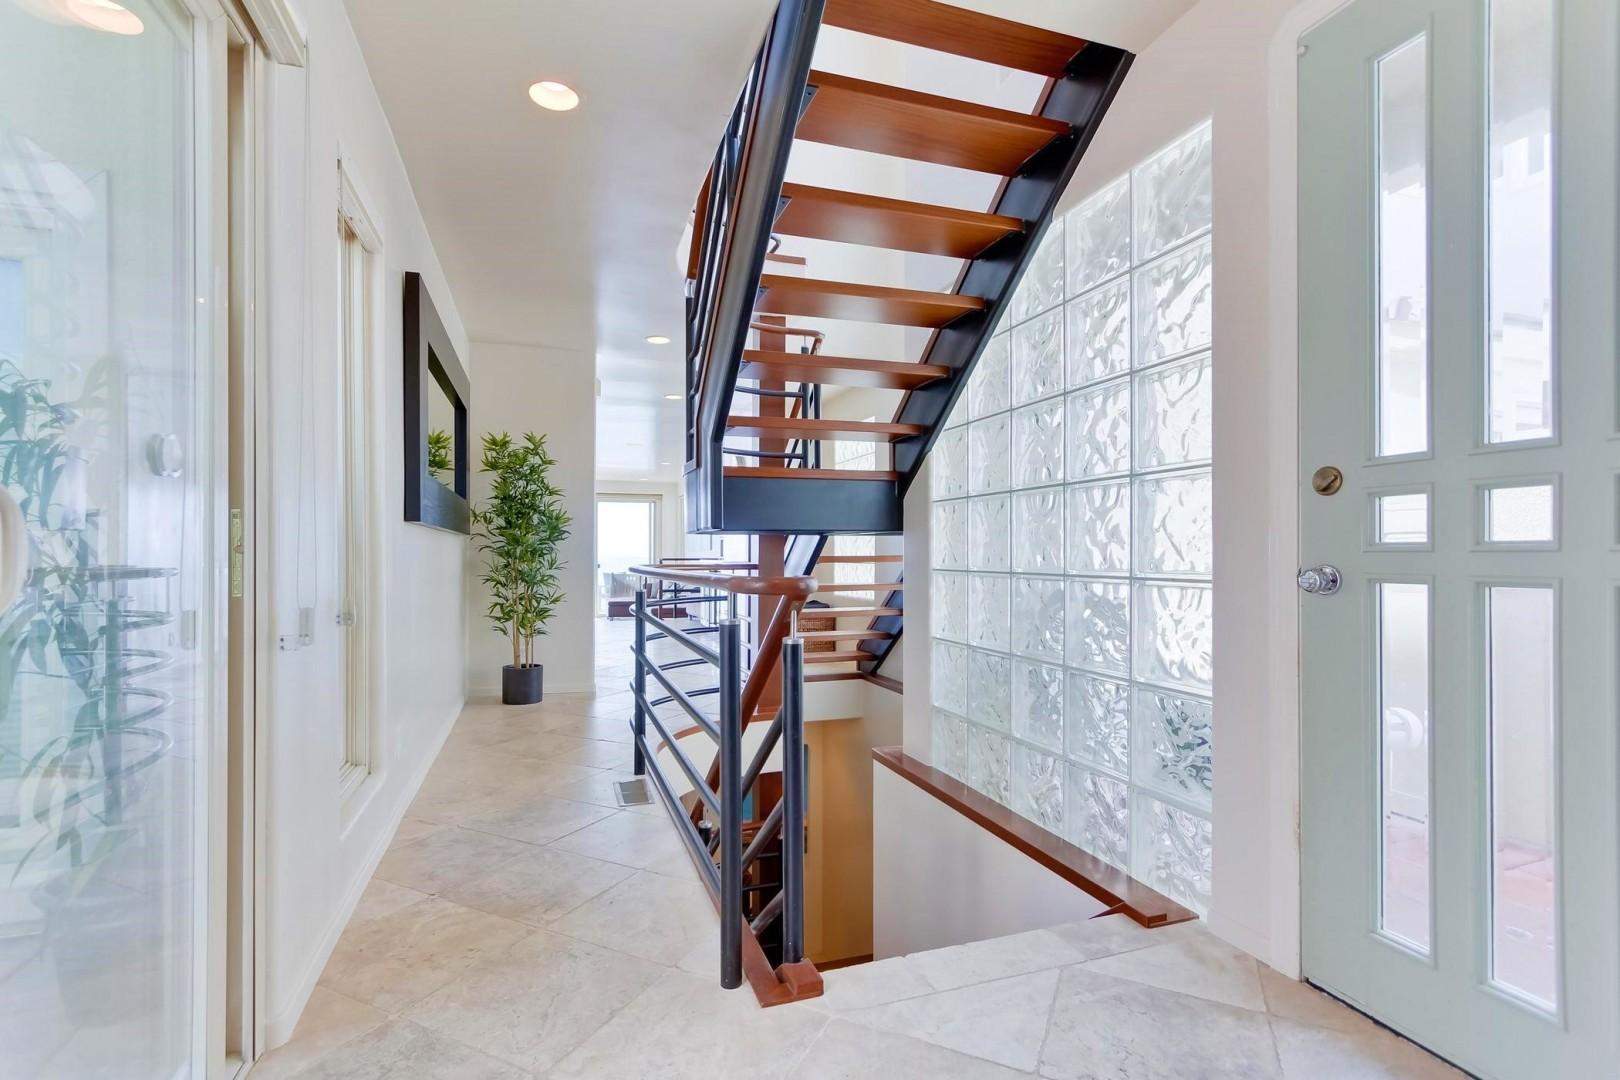 Stairway to sleeping rooms